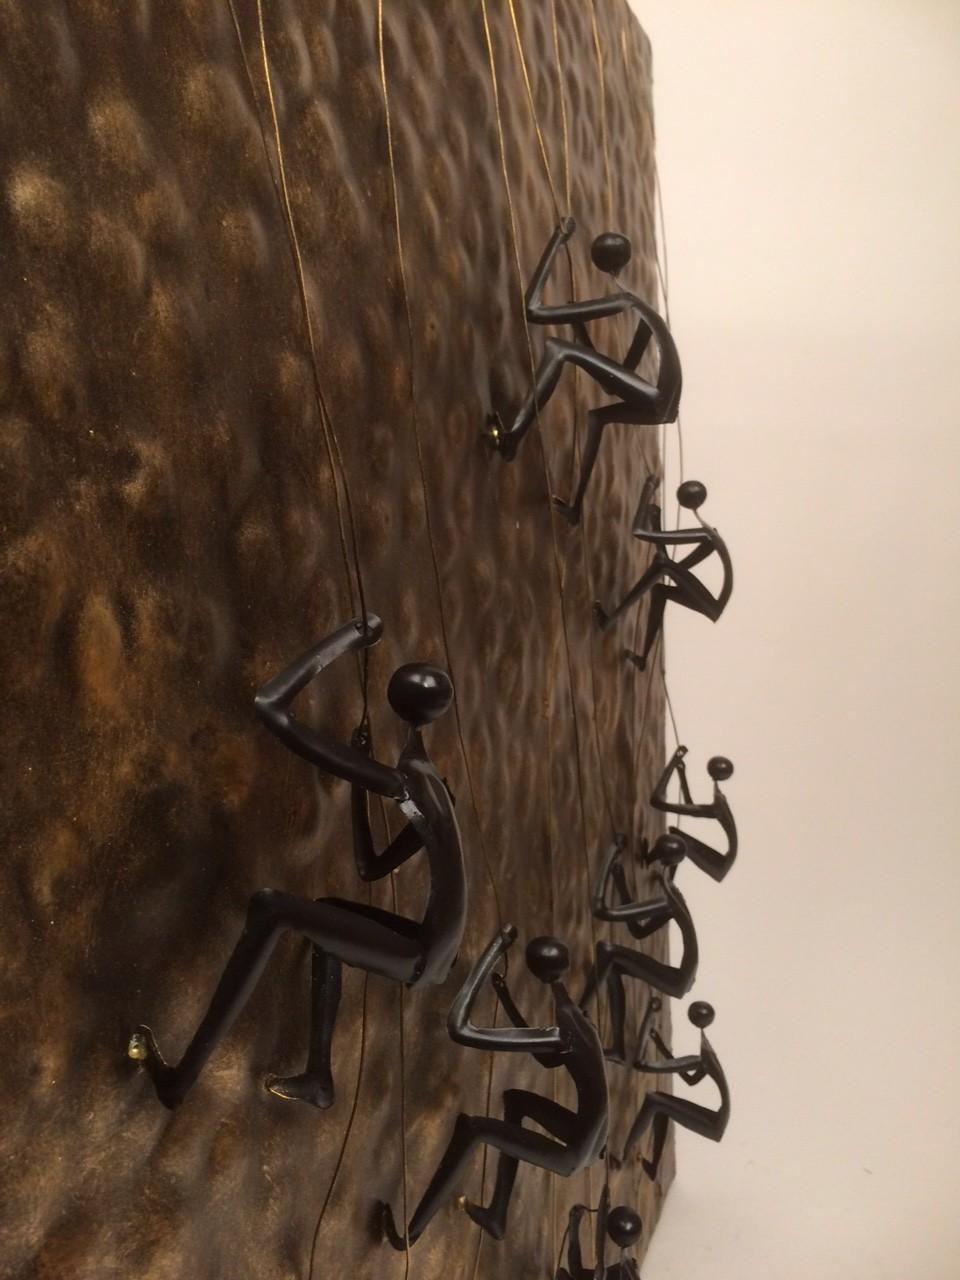 Metalen wanddecoratie u2013 klimmers (abseilers) : Zus u0026 Zo Oostburg ...